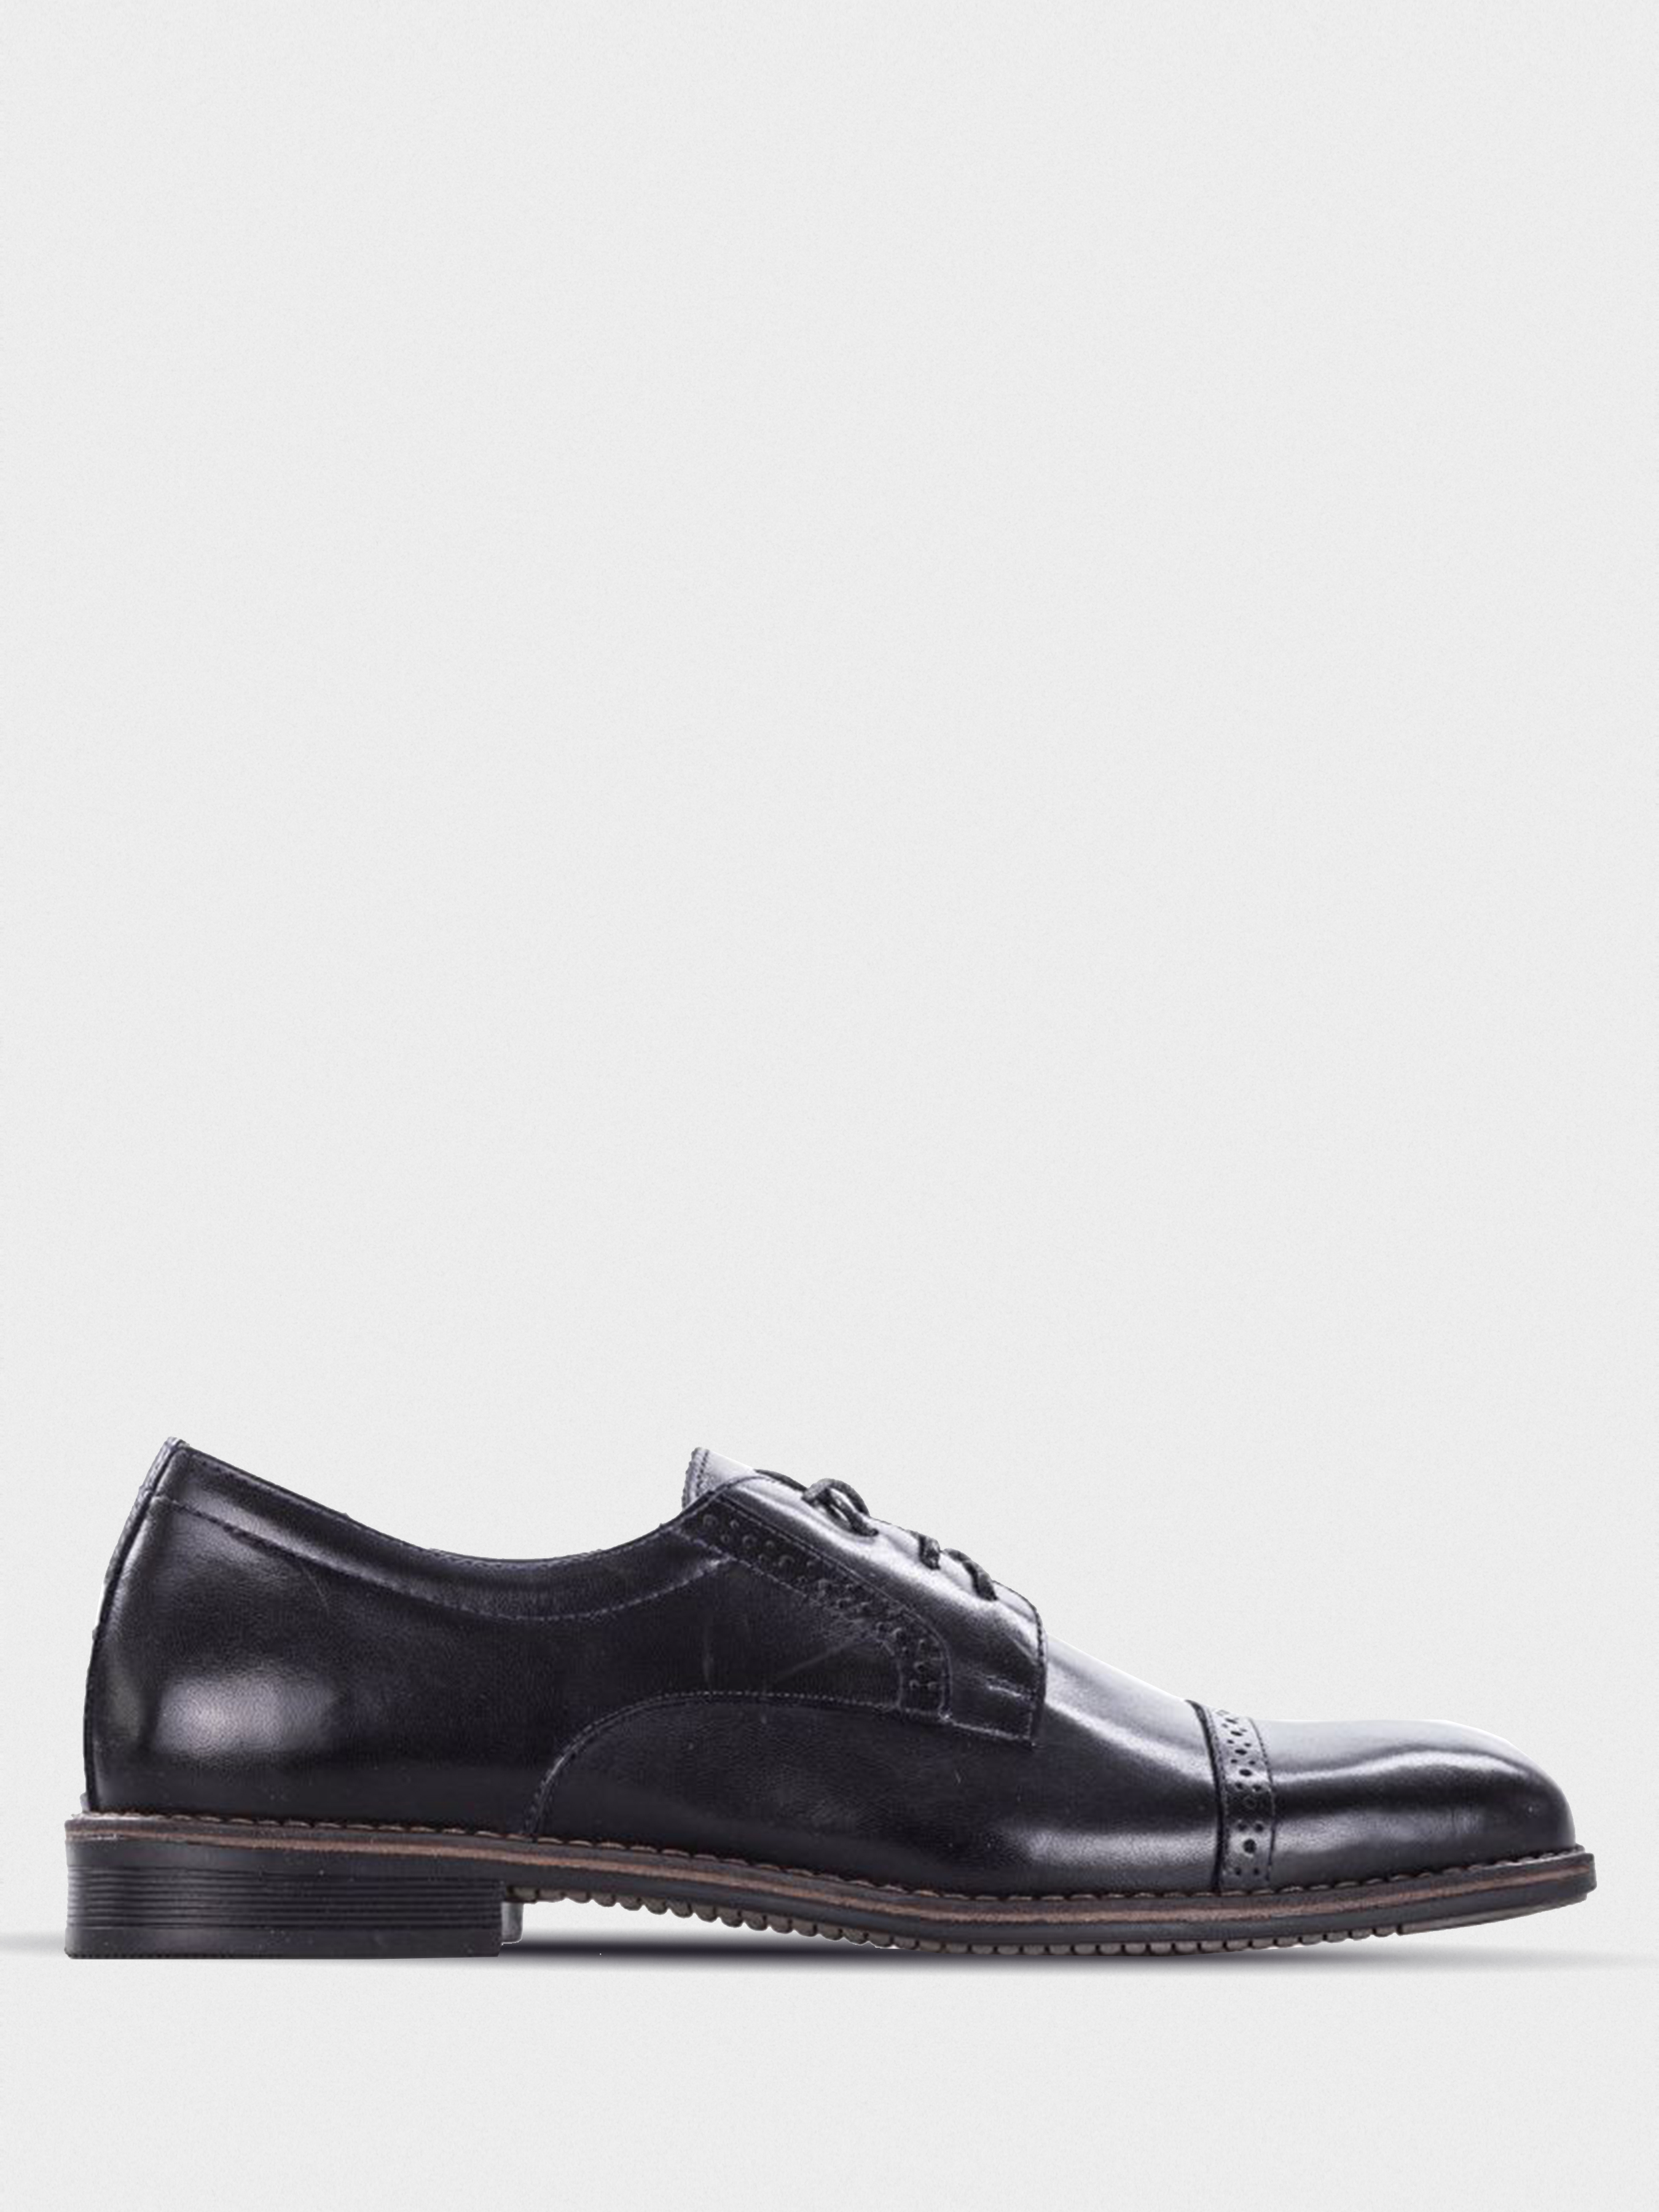 Полуботинки мужские Braska Sensor 8B85 модная обувь, 2017